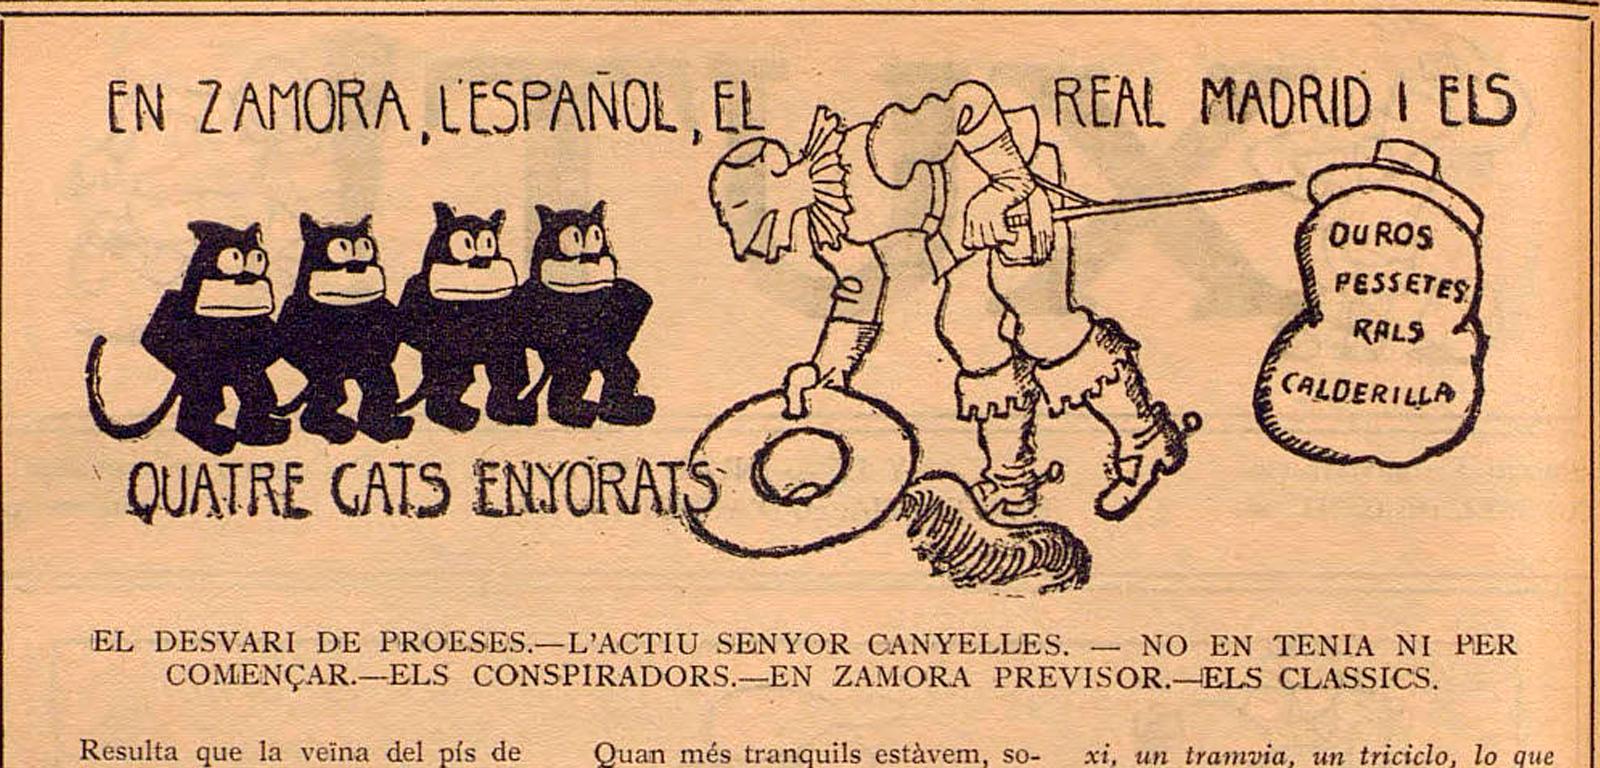 Los cuatro gatos del Espanyol / XUT